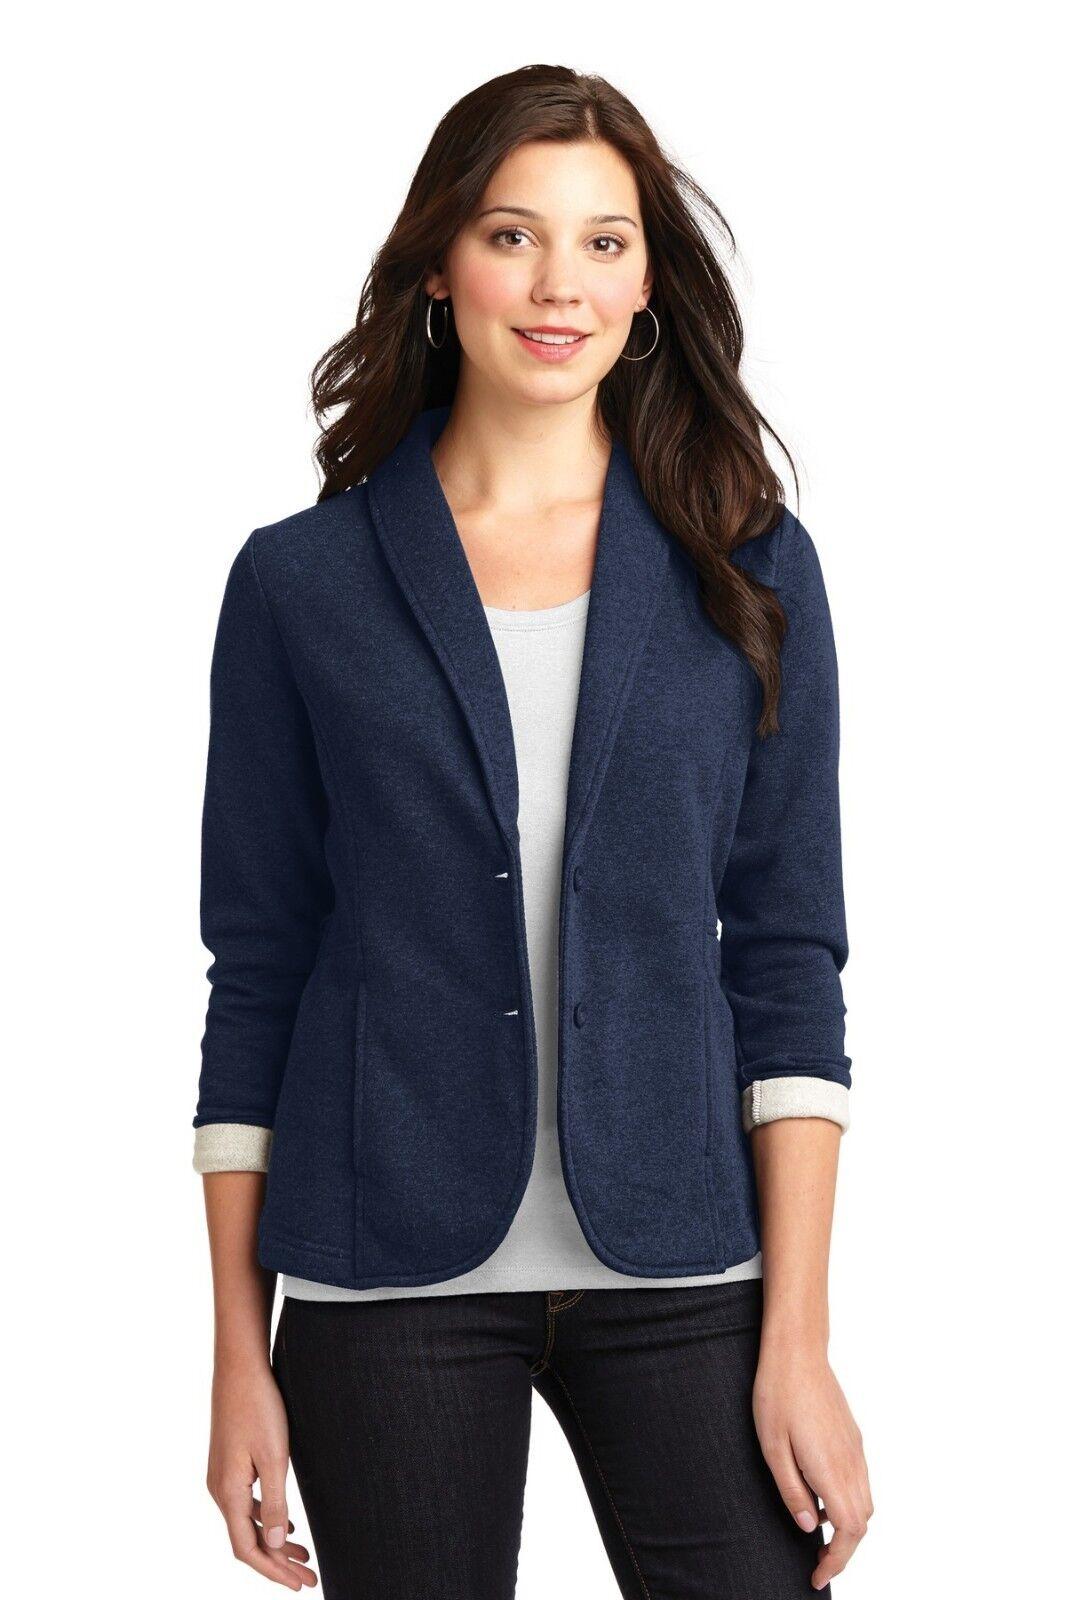 Port Authority Women's Fleece Blazer Sizes XS-4XL M-L298 M-L298 M-L298 2898ce